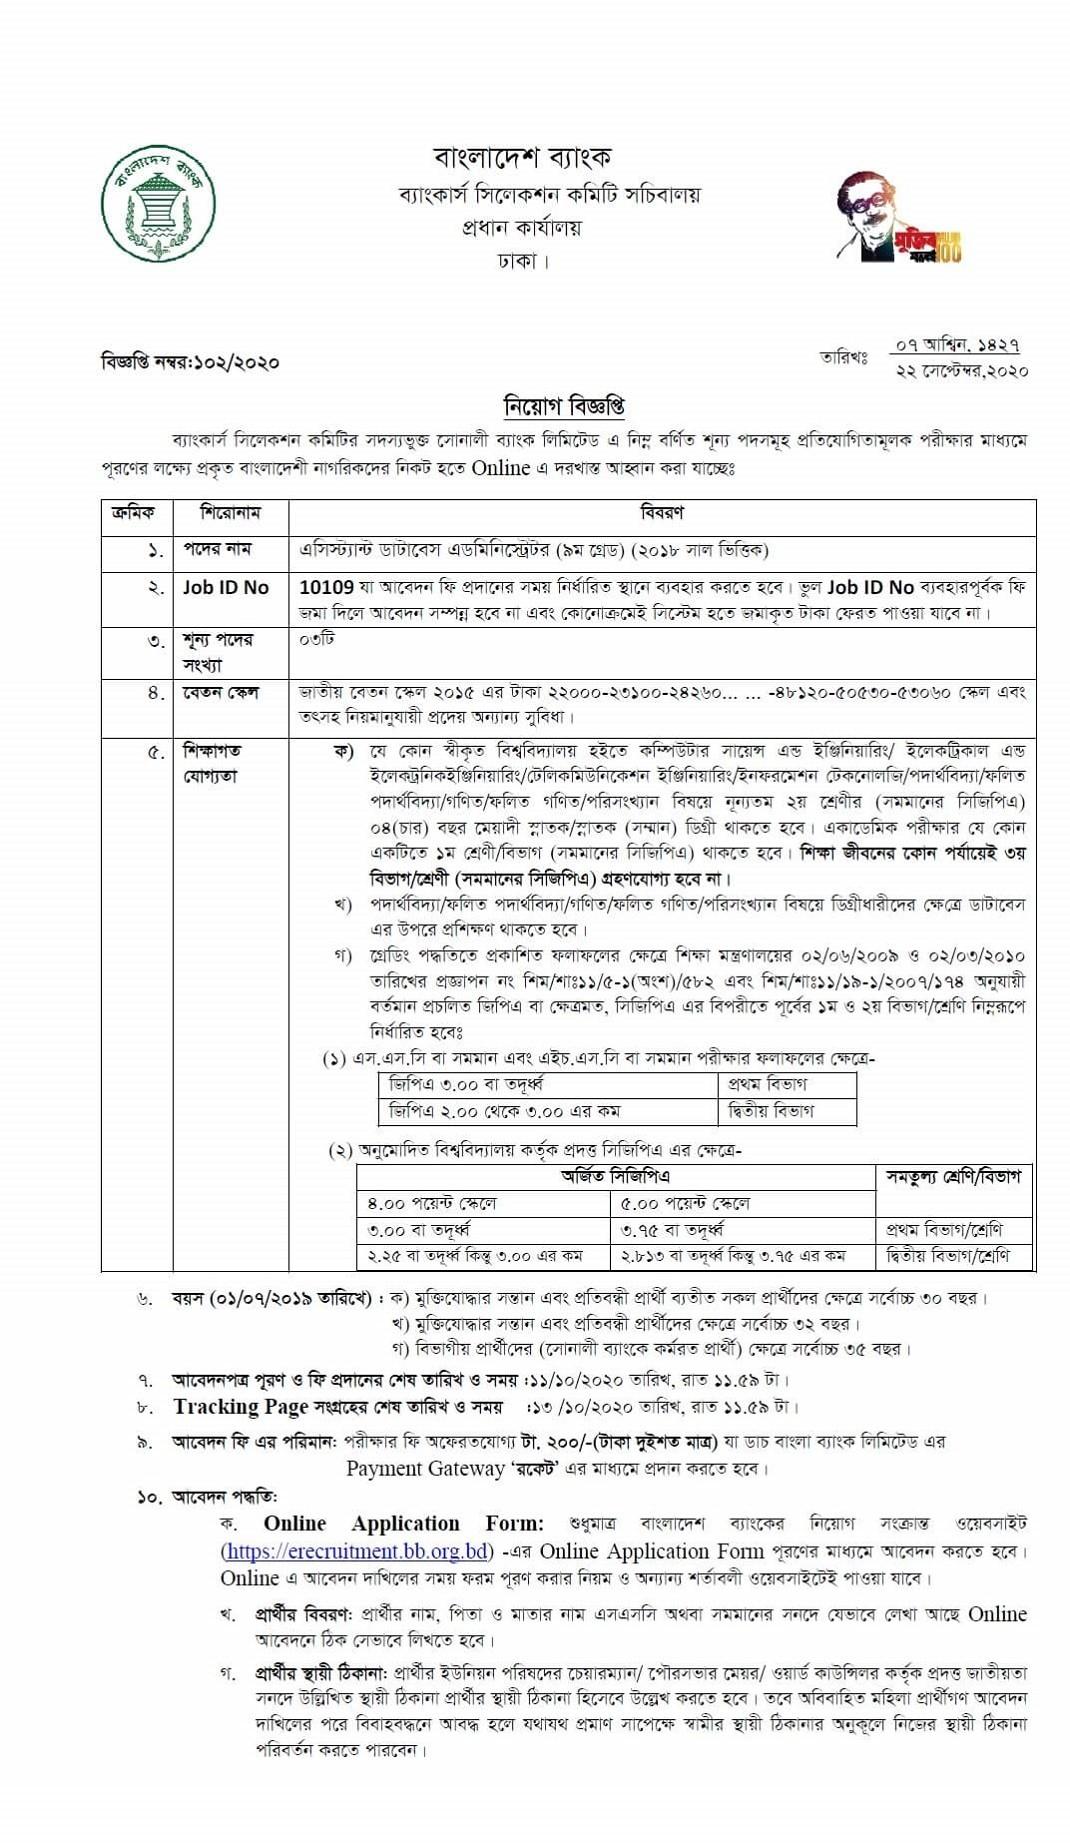 Sonali Bank Limited Job Circular Apply